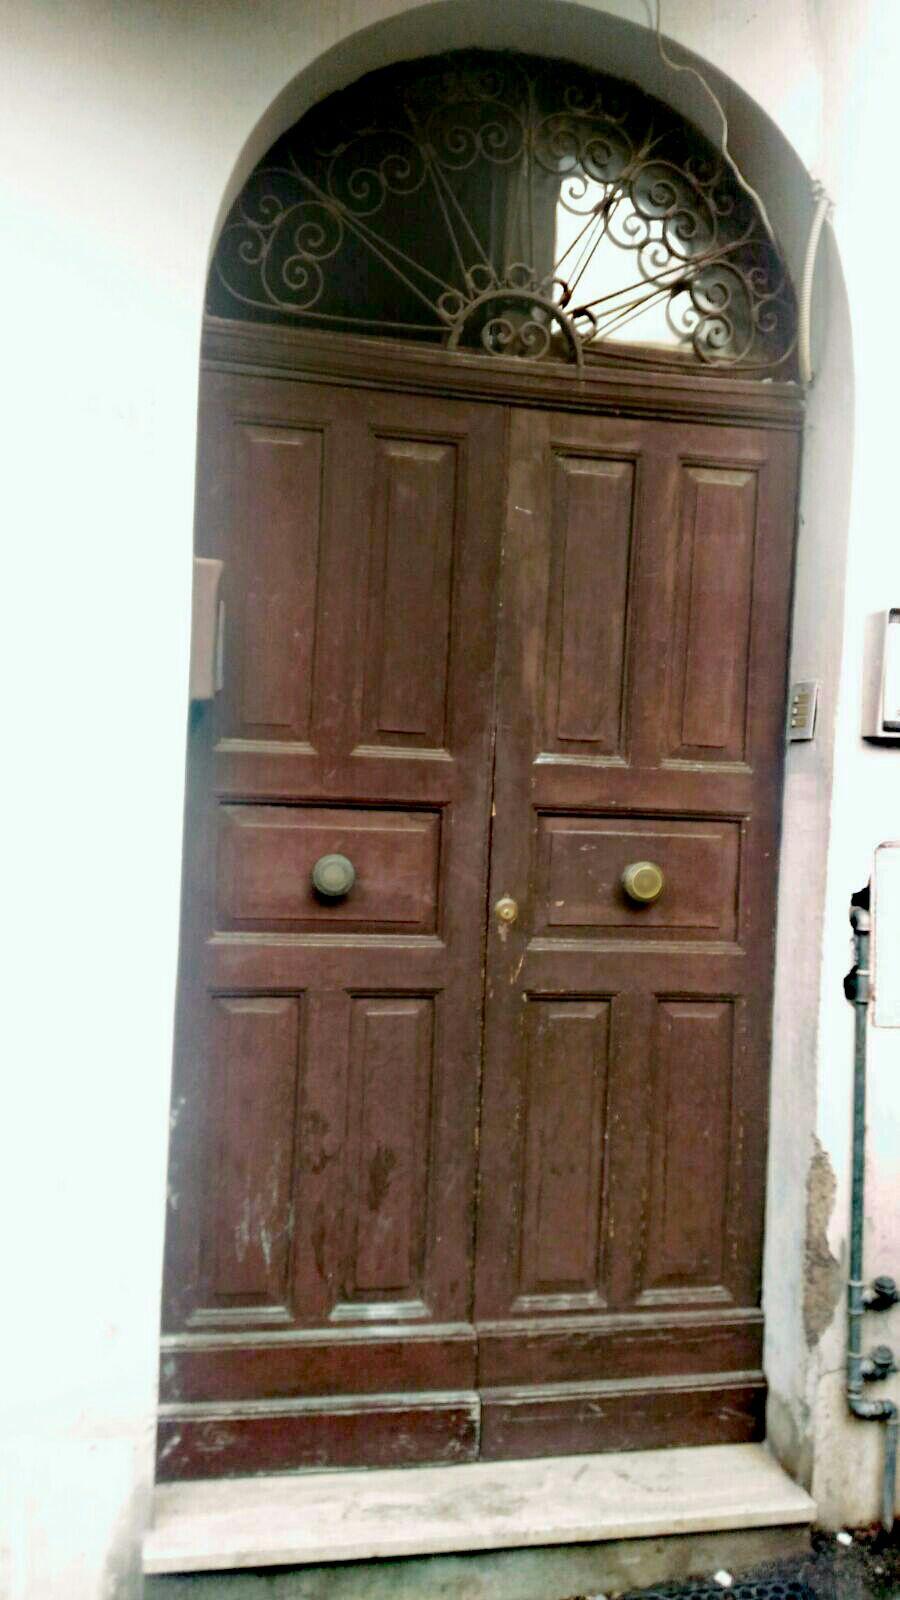 Appartamento in vendita a Marcellina, 3 locali, prezzo € 88.000 | CambioCasa.it